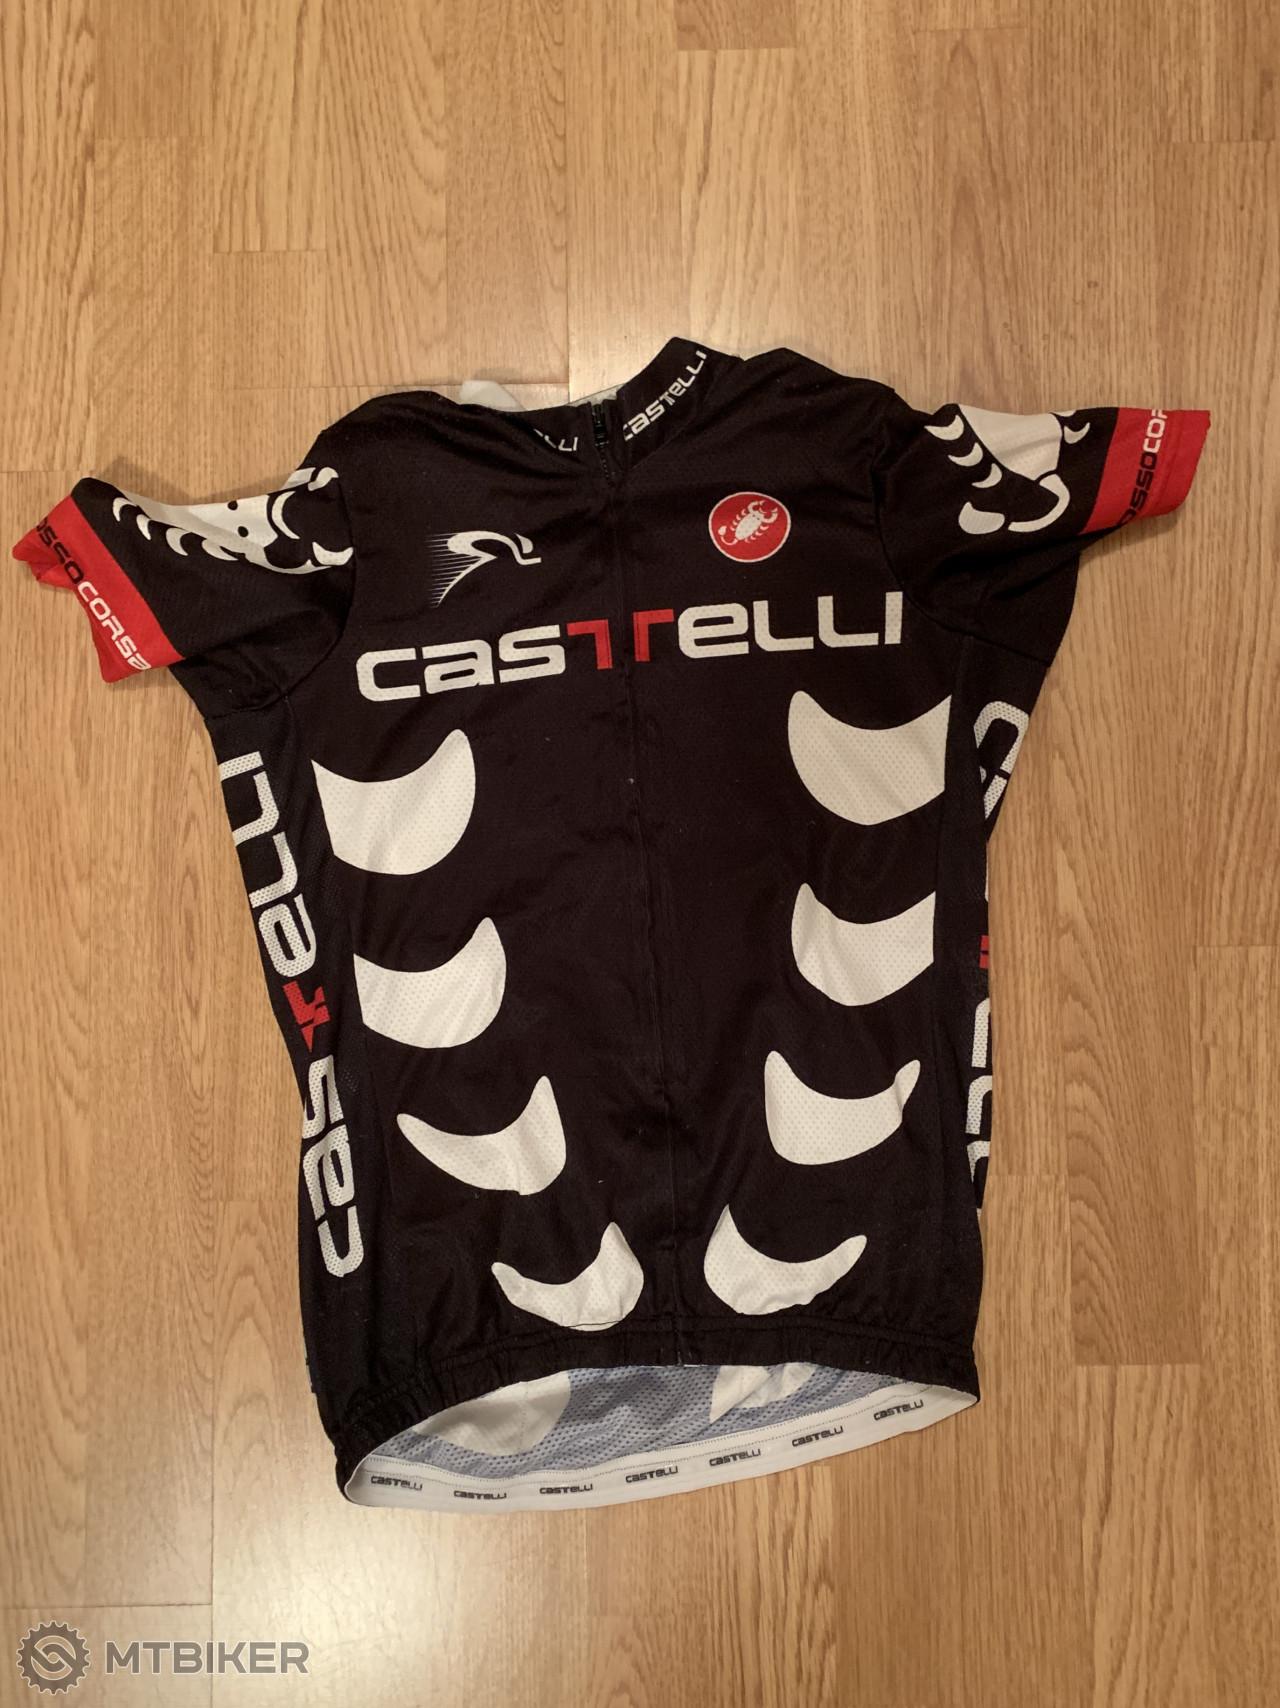 ef5a065347119 Dres Na Bicykel Castelli - Príslušenstvo - Oblečenie a batohy - Bazár  MTBIKER